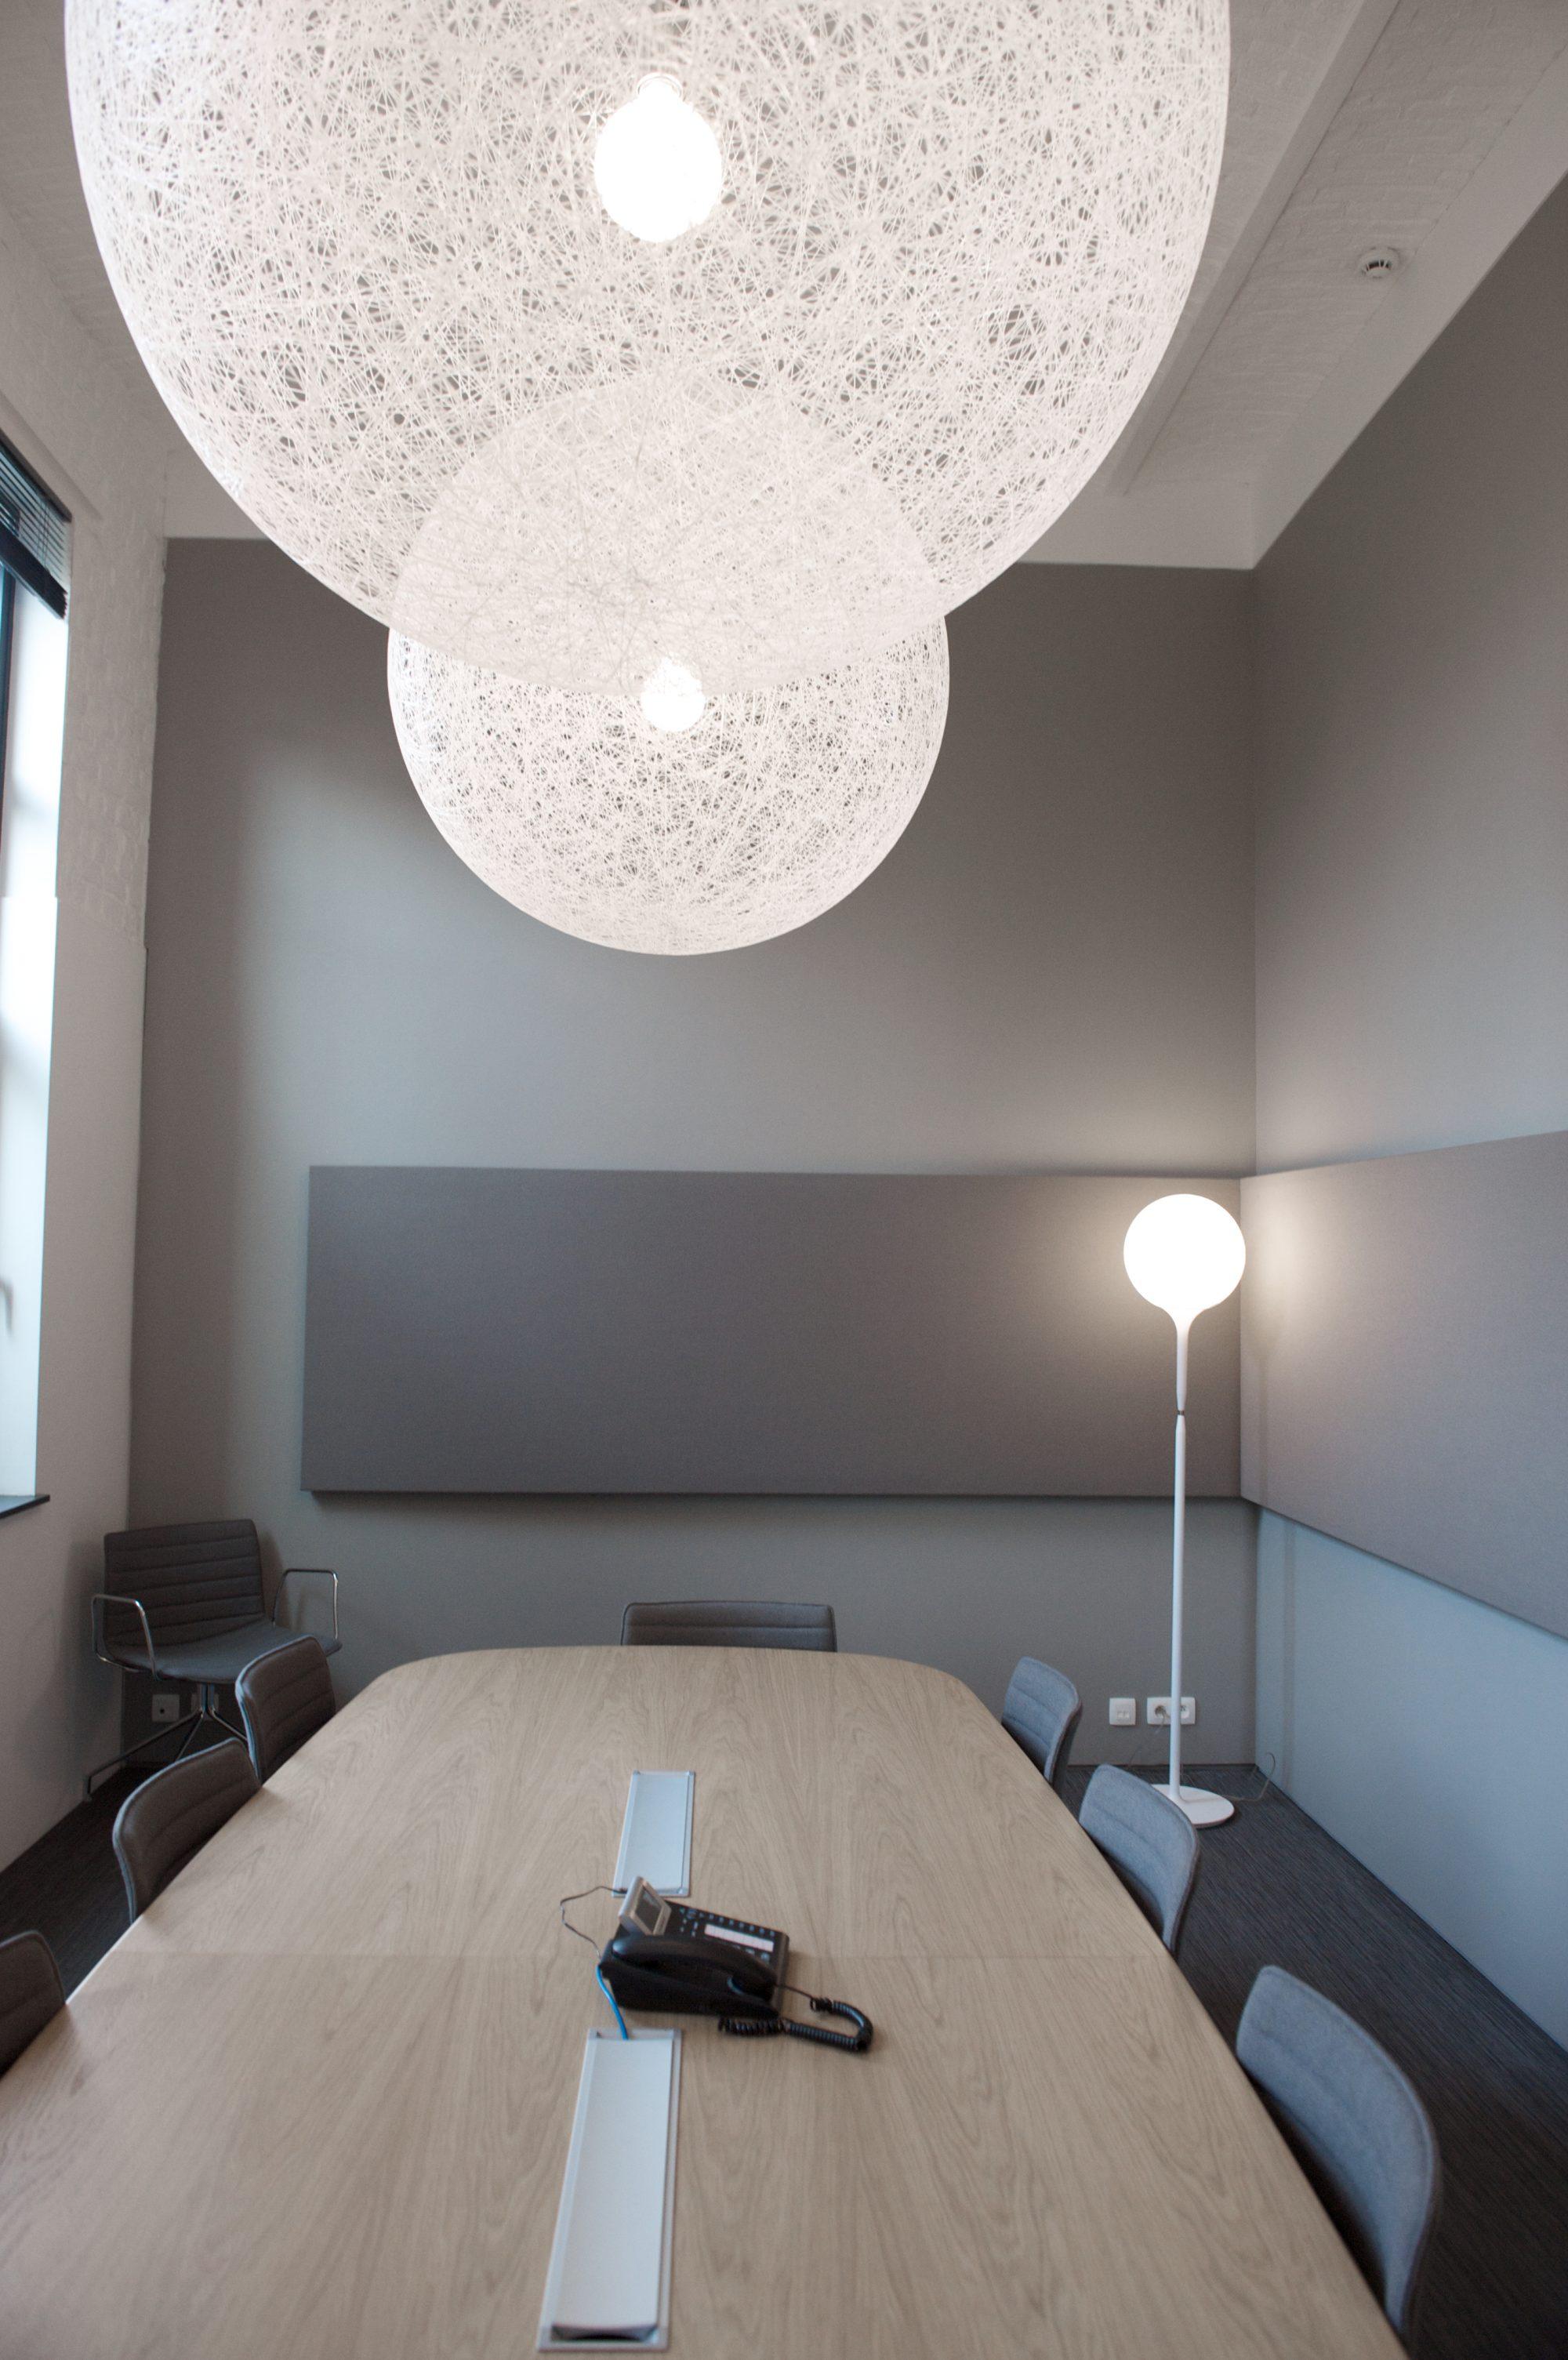 vergadertafel hout, grijs-beige muur, akoestische panelen, witte lampen